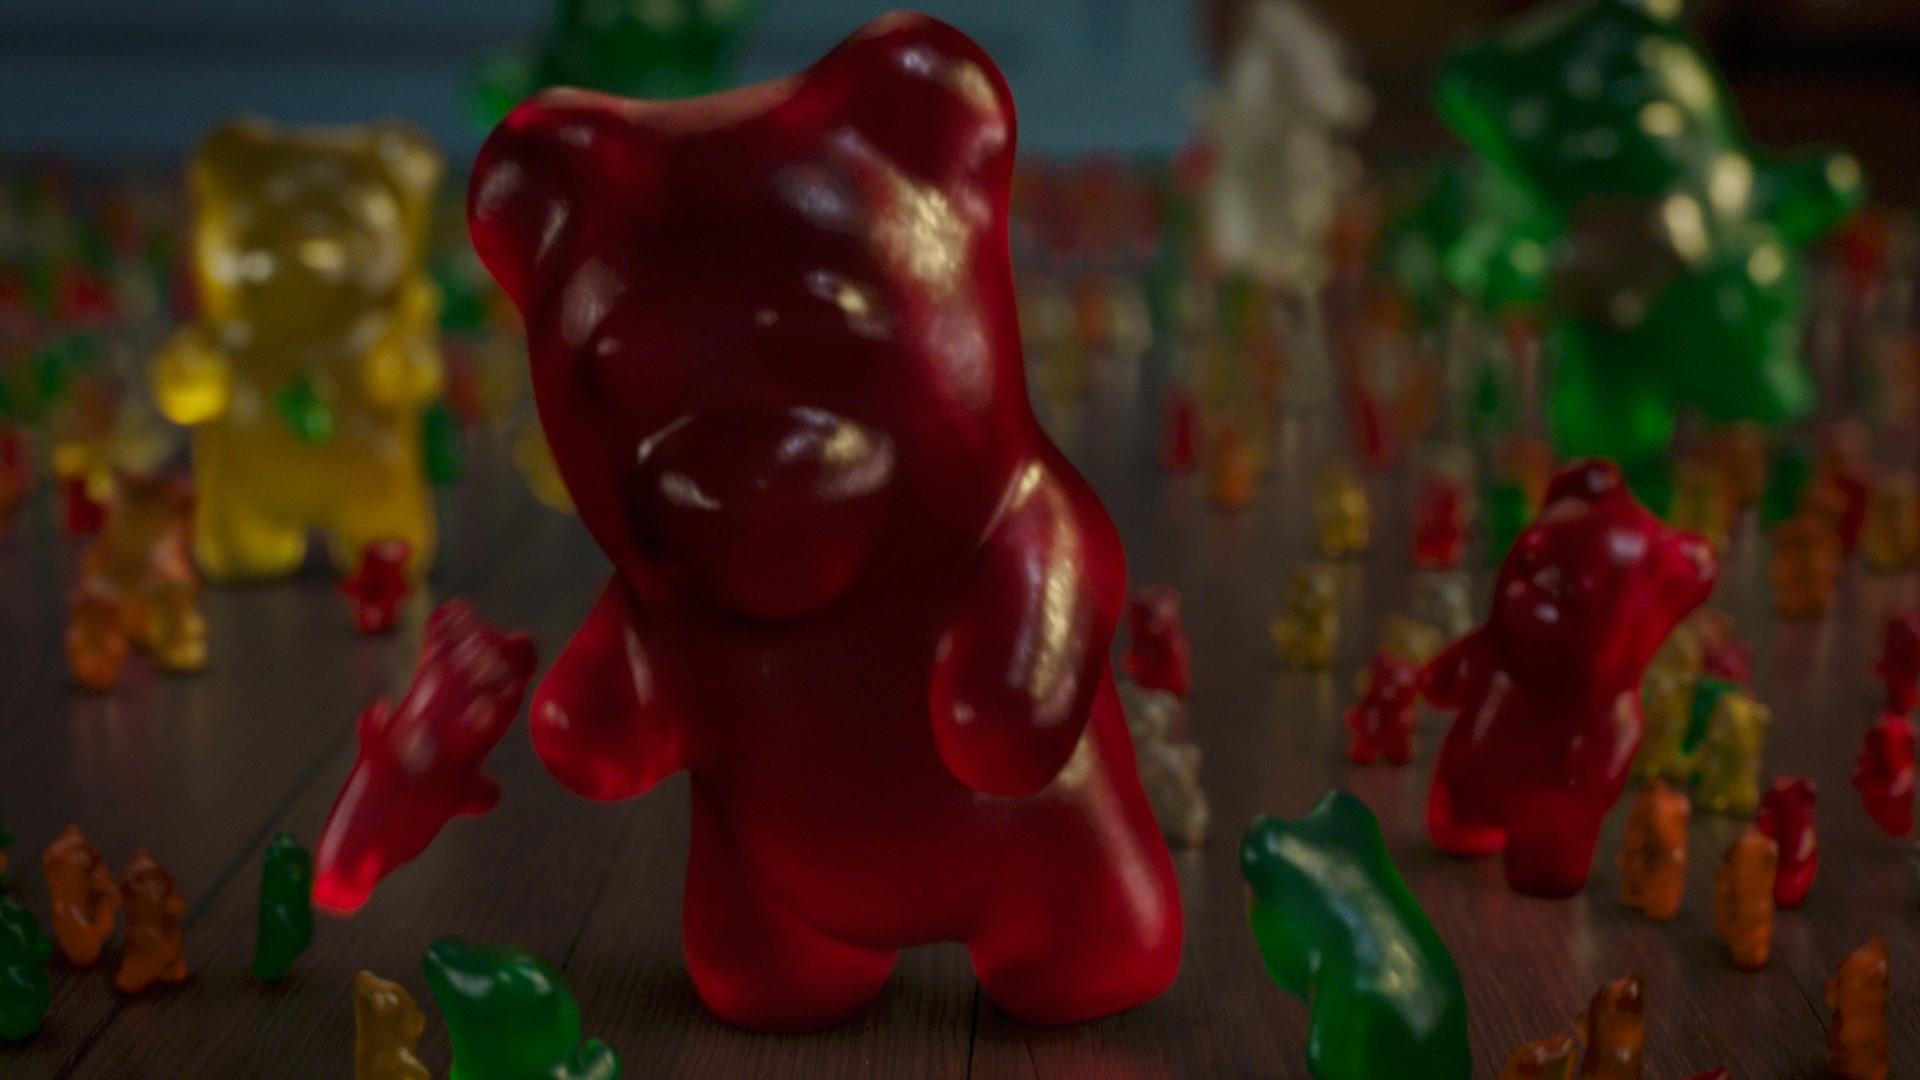 《怪物遊戲2:妖獸讚》影評:活用萬聖節題材的成功續作   怪物遊戲2:妖獸讚影評   雞皮疙瘩   大紀元